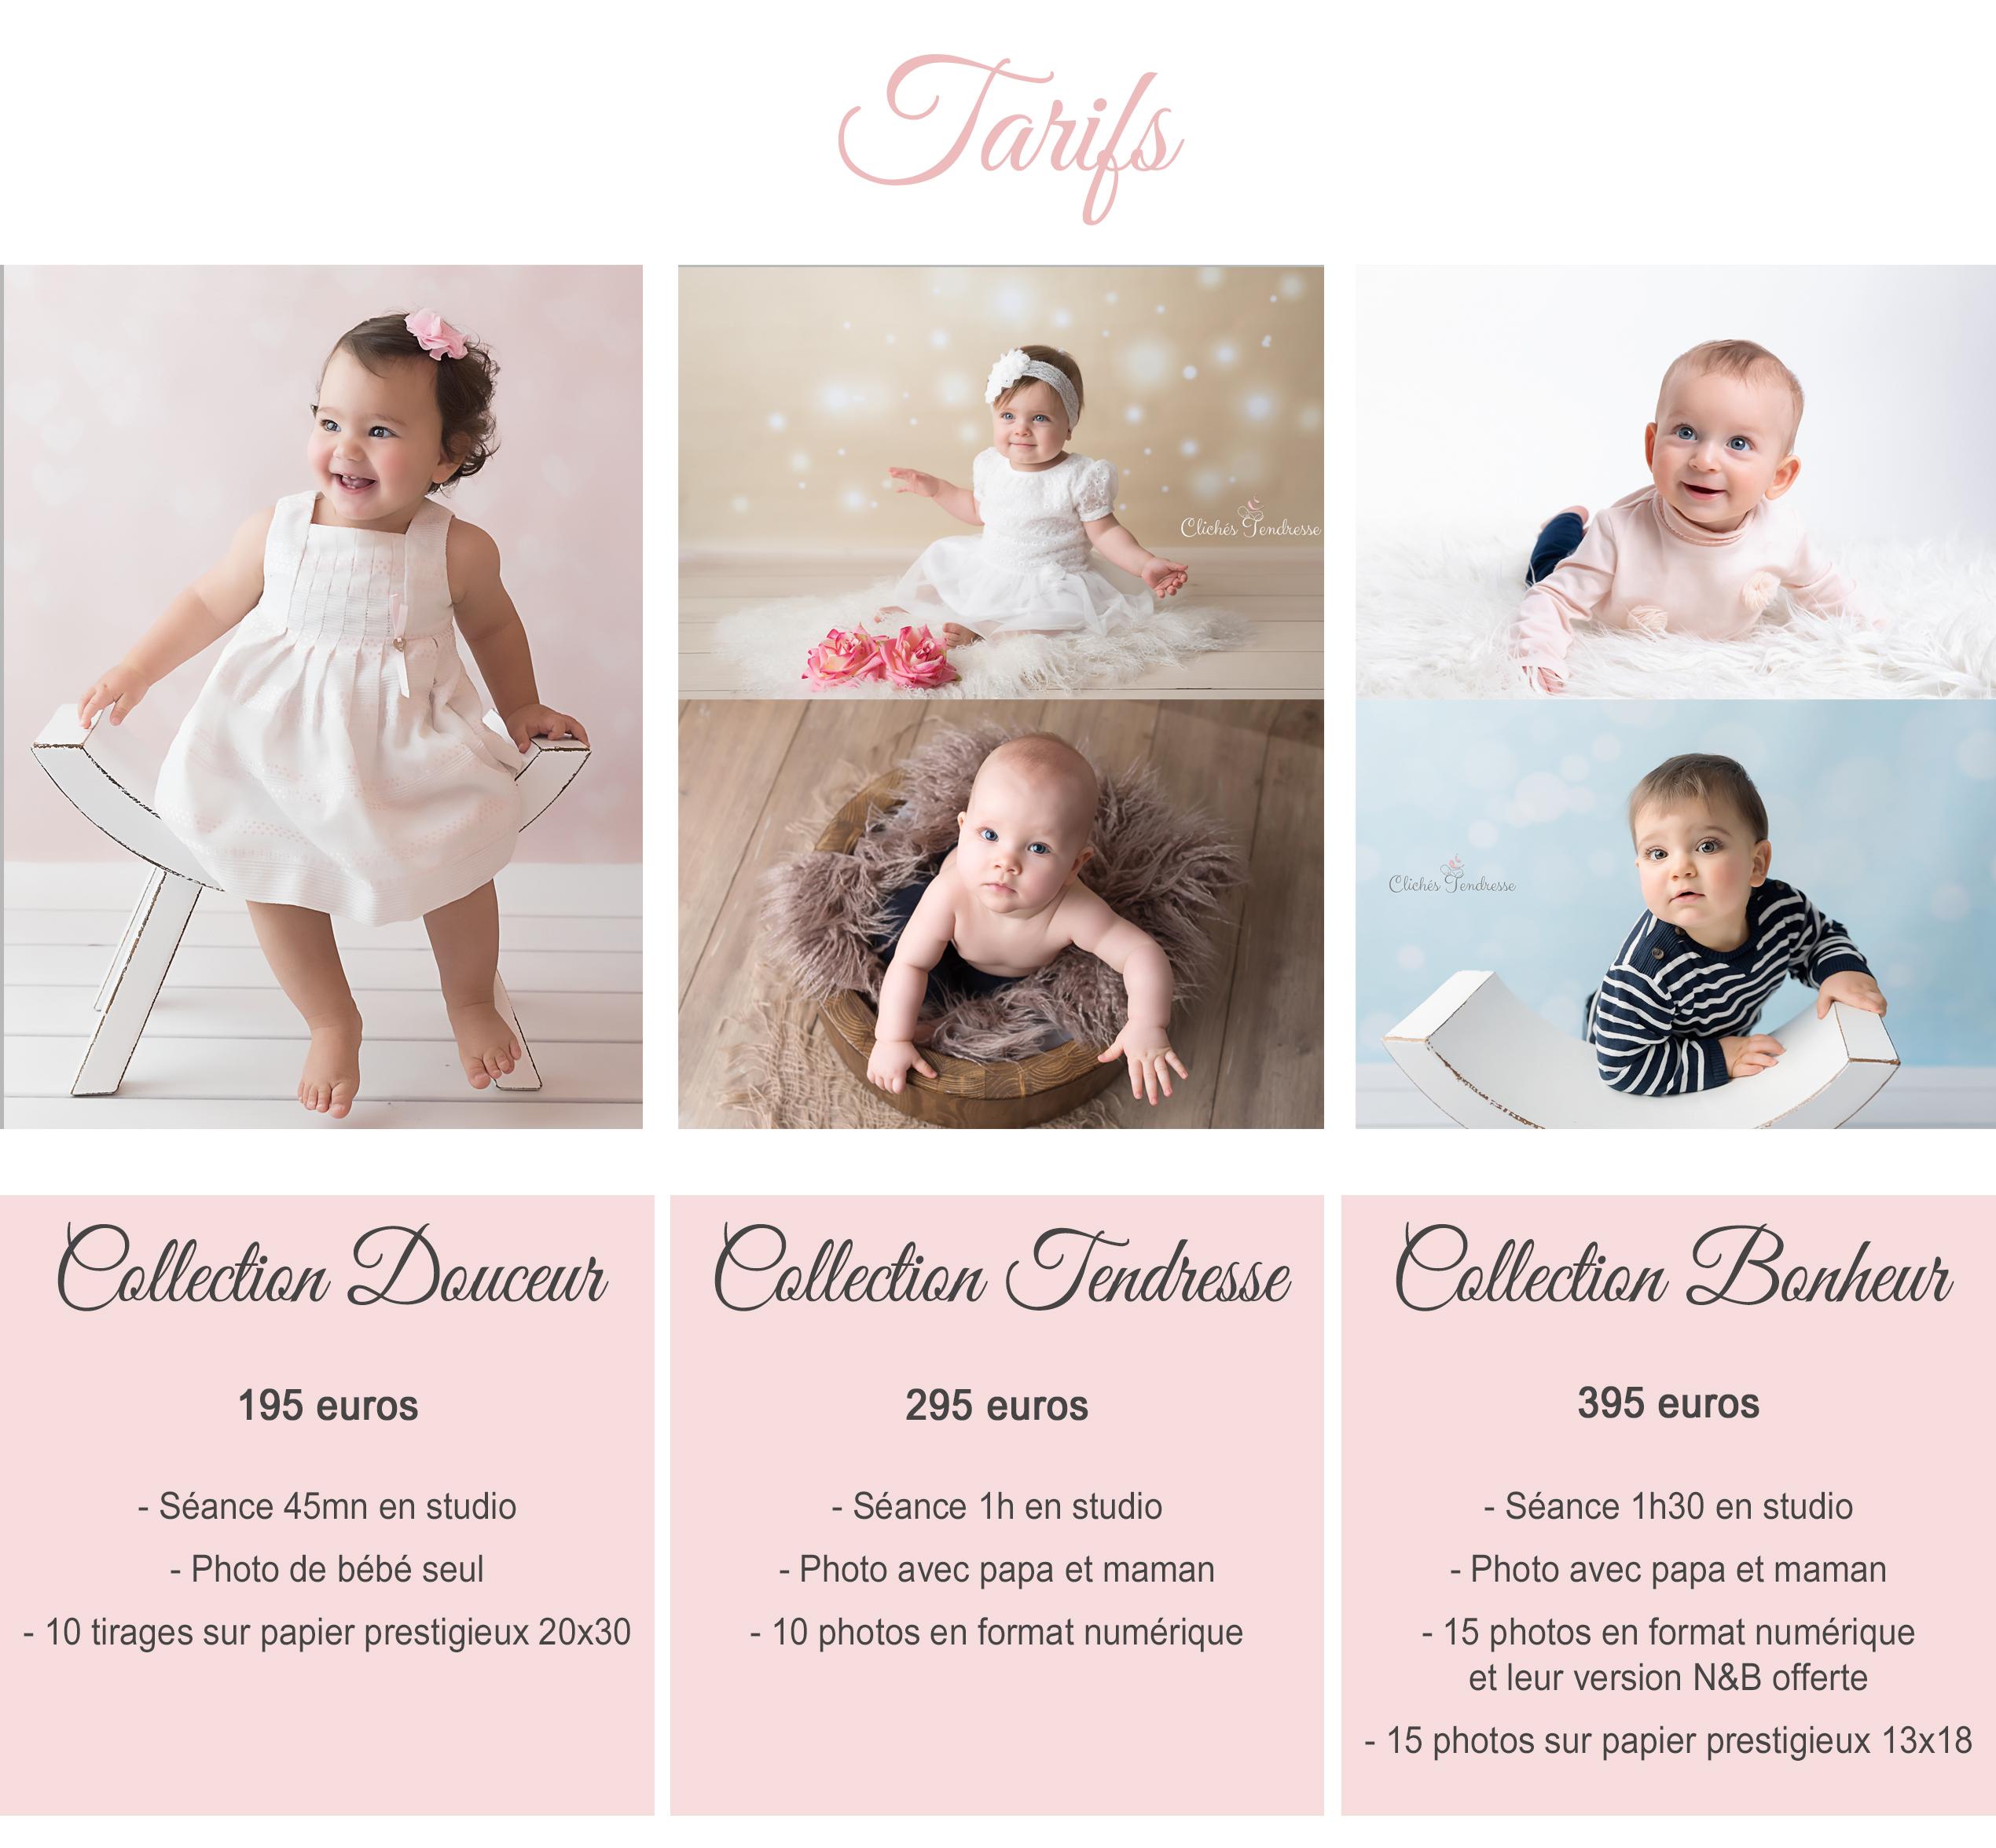 tarifs de votre photographe bébé en studio dans l'Ain (01), Pays de Gex, Haute-Savoie ou Suisse